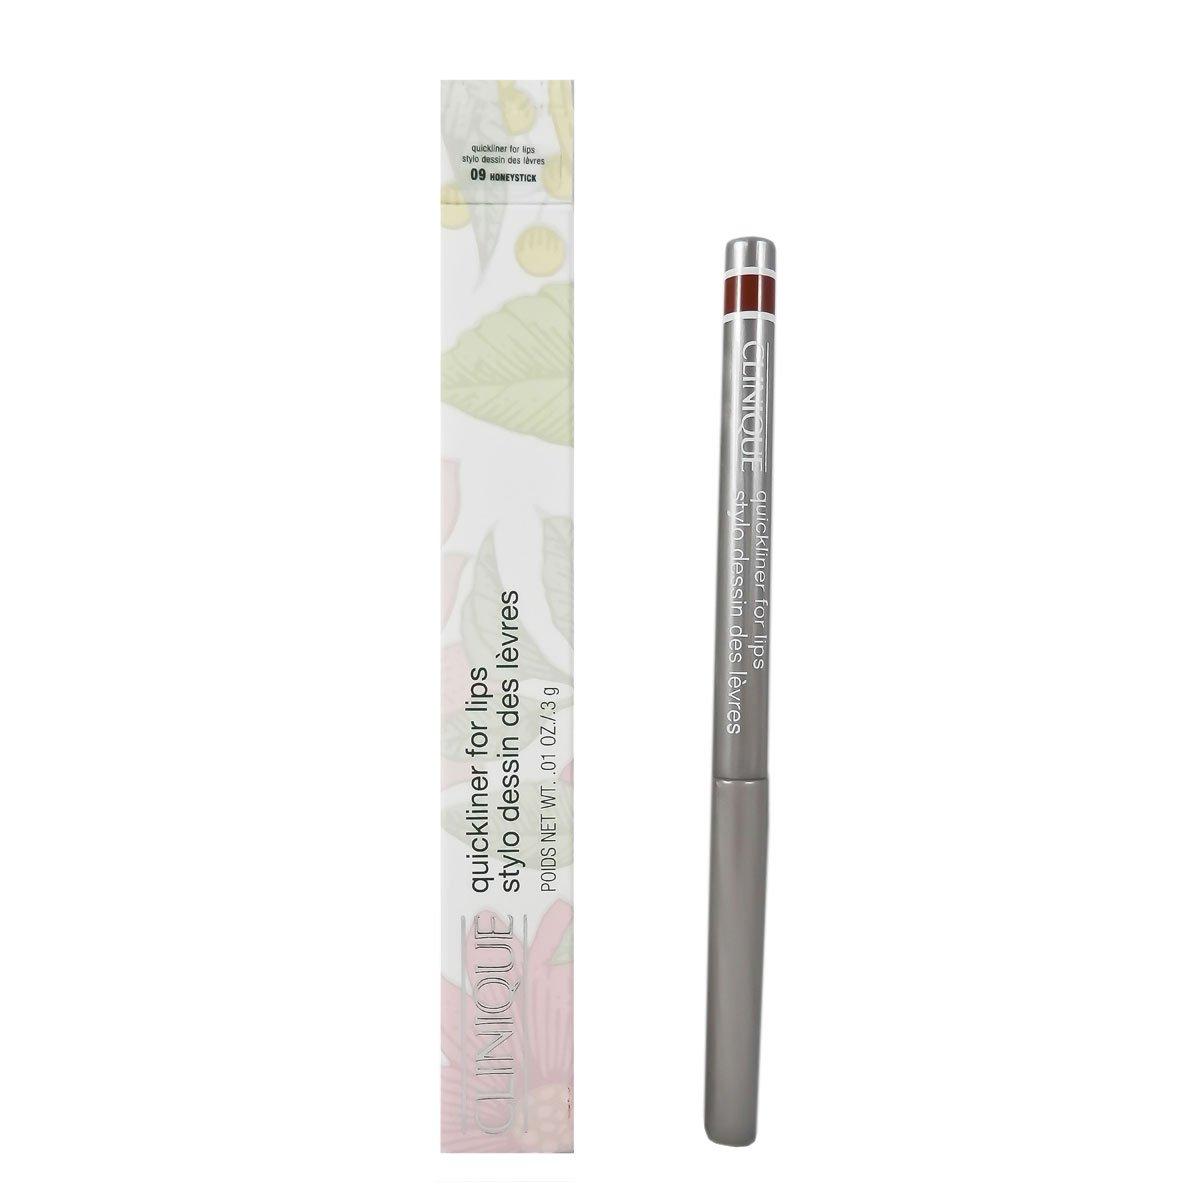 Quickliner For Lips - 09 Honey Stick - 0.3g/0.01oz Clinique 0020714157685